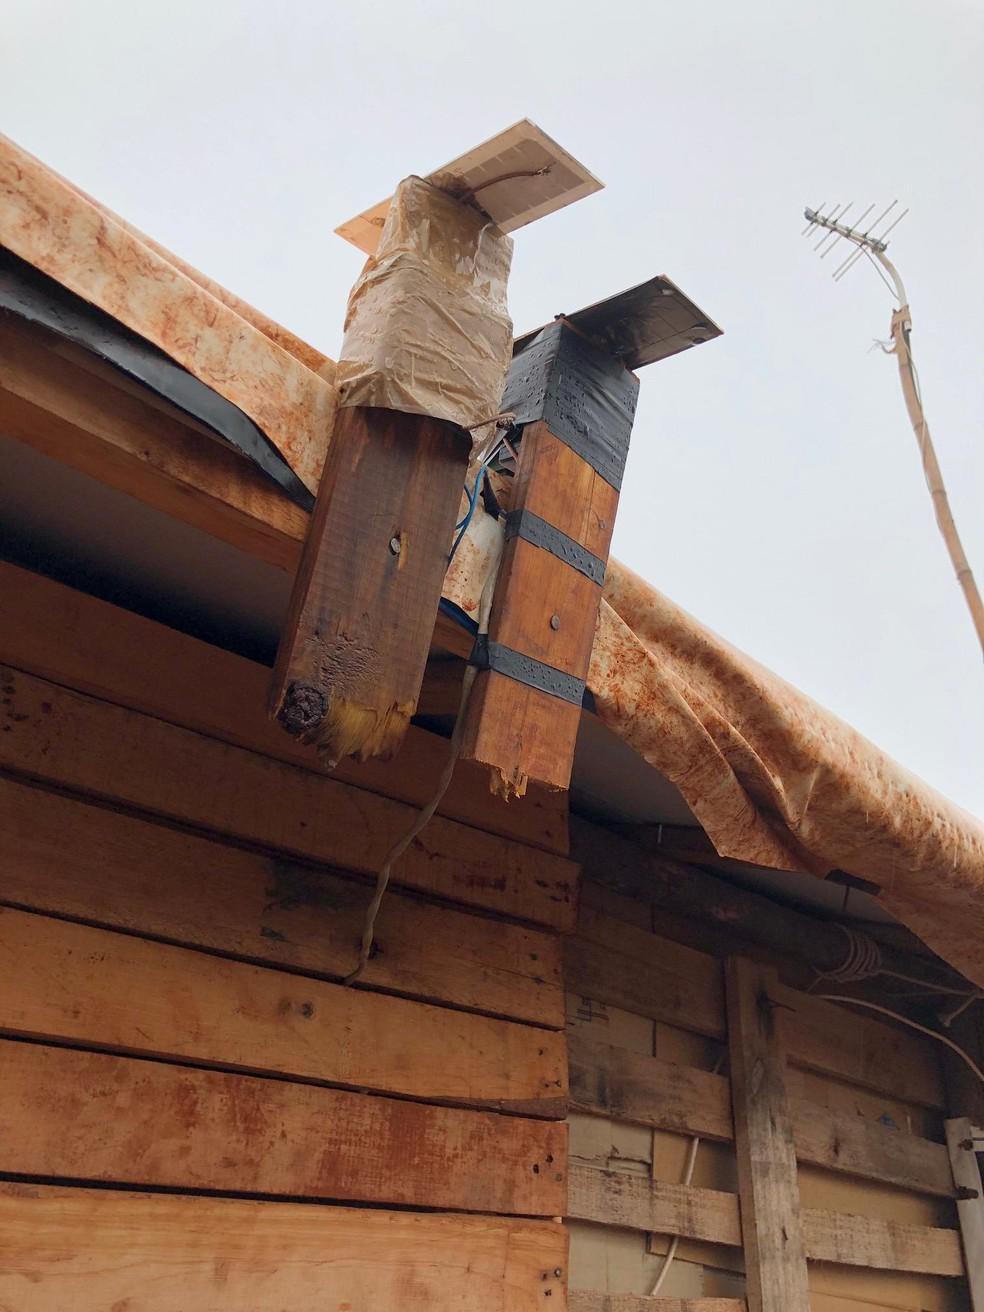 Placas fotovoltaica responsável por carregar baterias e gerar energia em barracos, em MS. — Foto: Diego Pavei